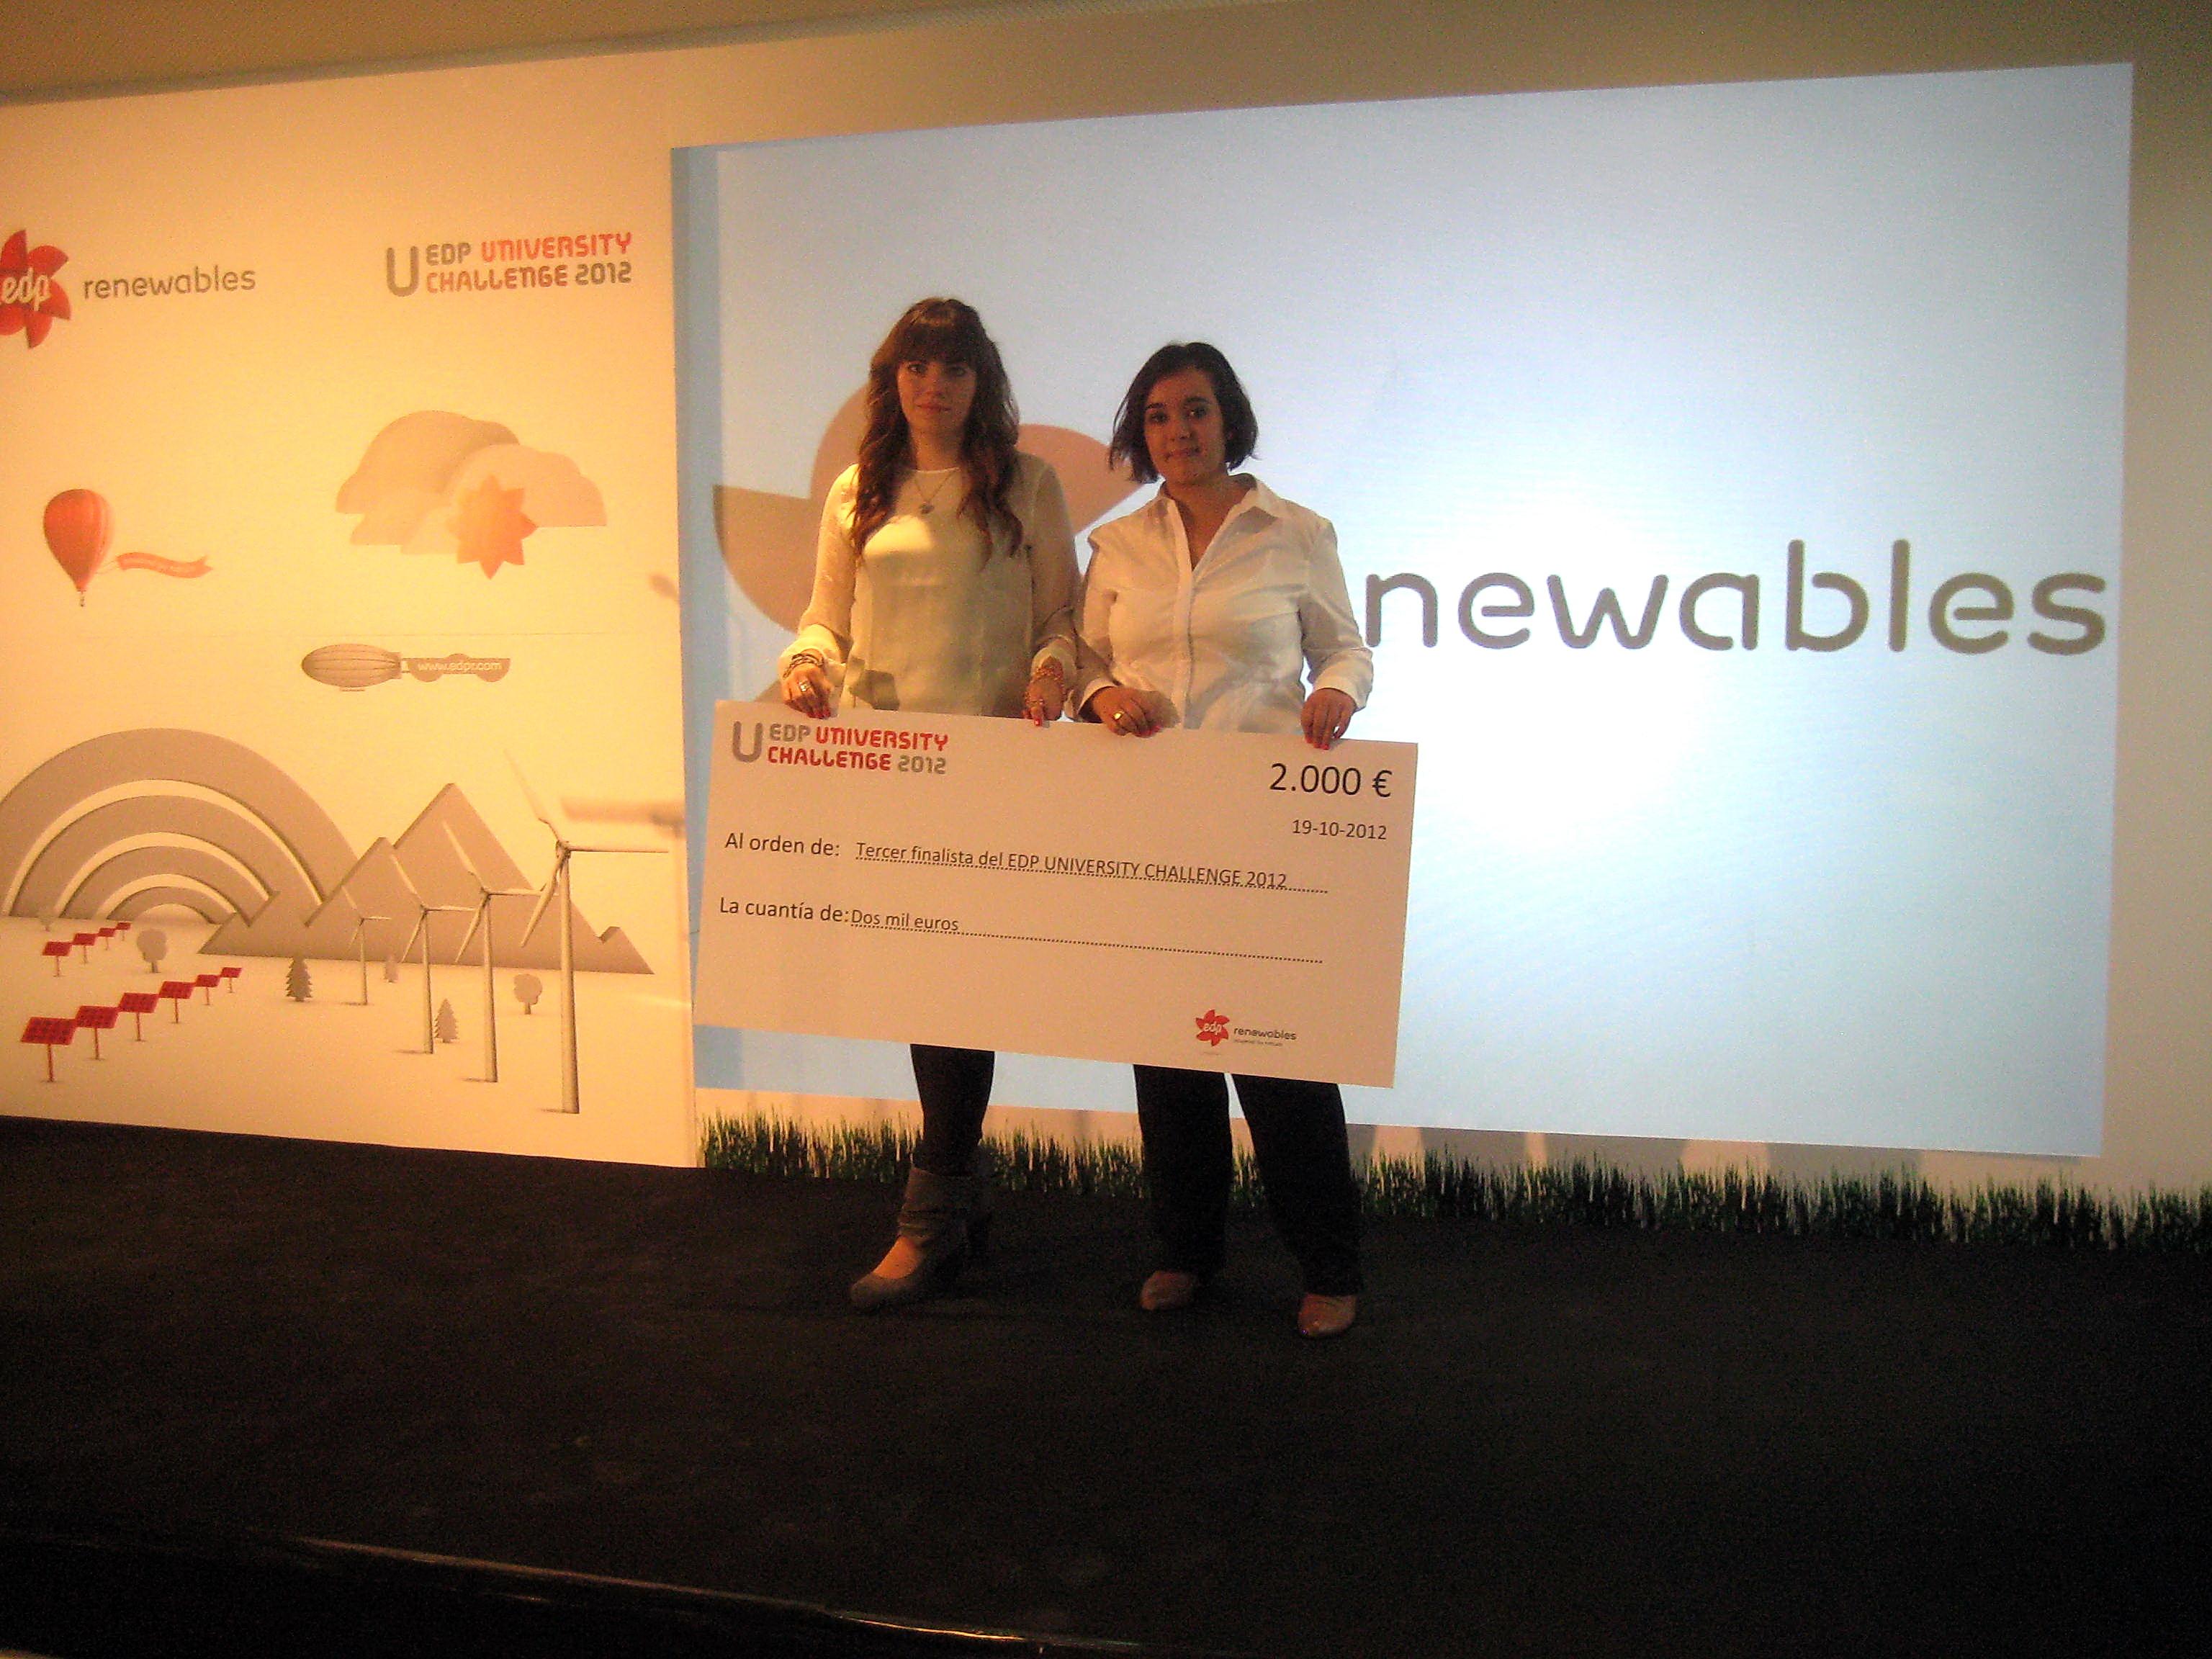 Dos alumnas de la Escuela Politécnica Superior de Ávila se alzan con el tercer puesto en un concurso nacional sobre proyectos de energías renovables